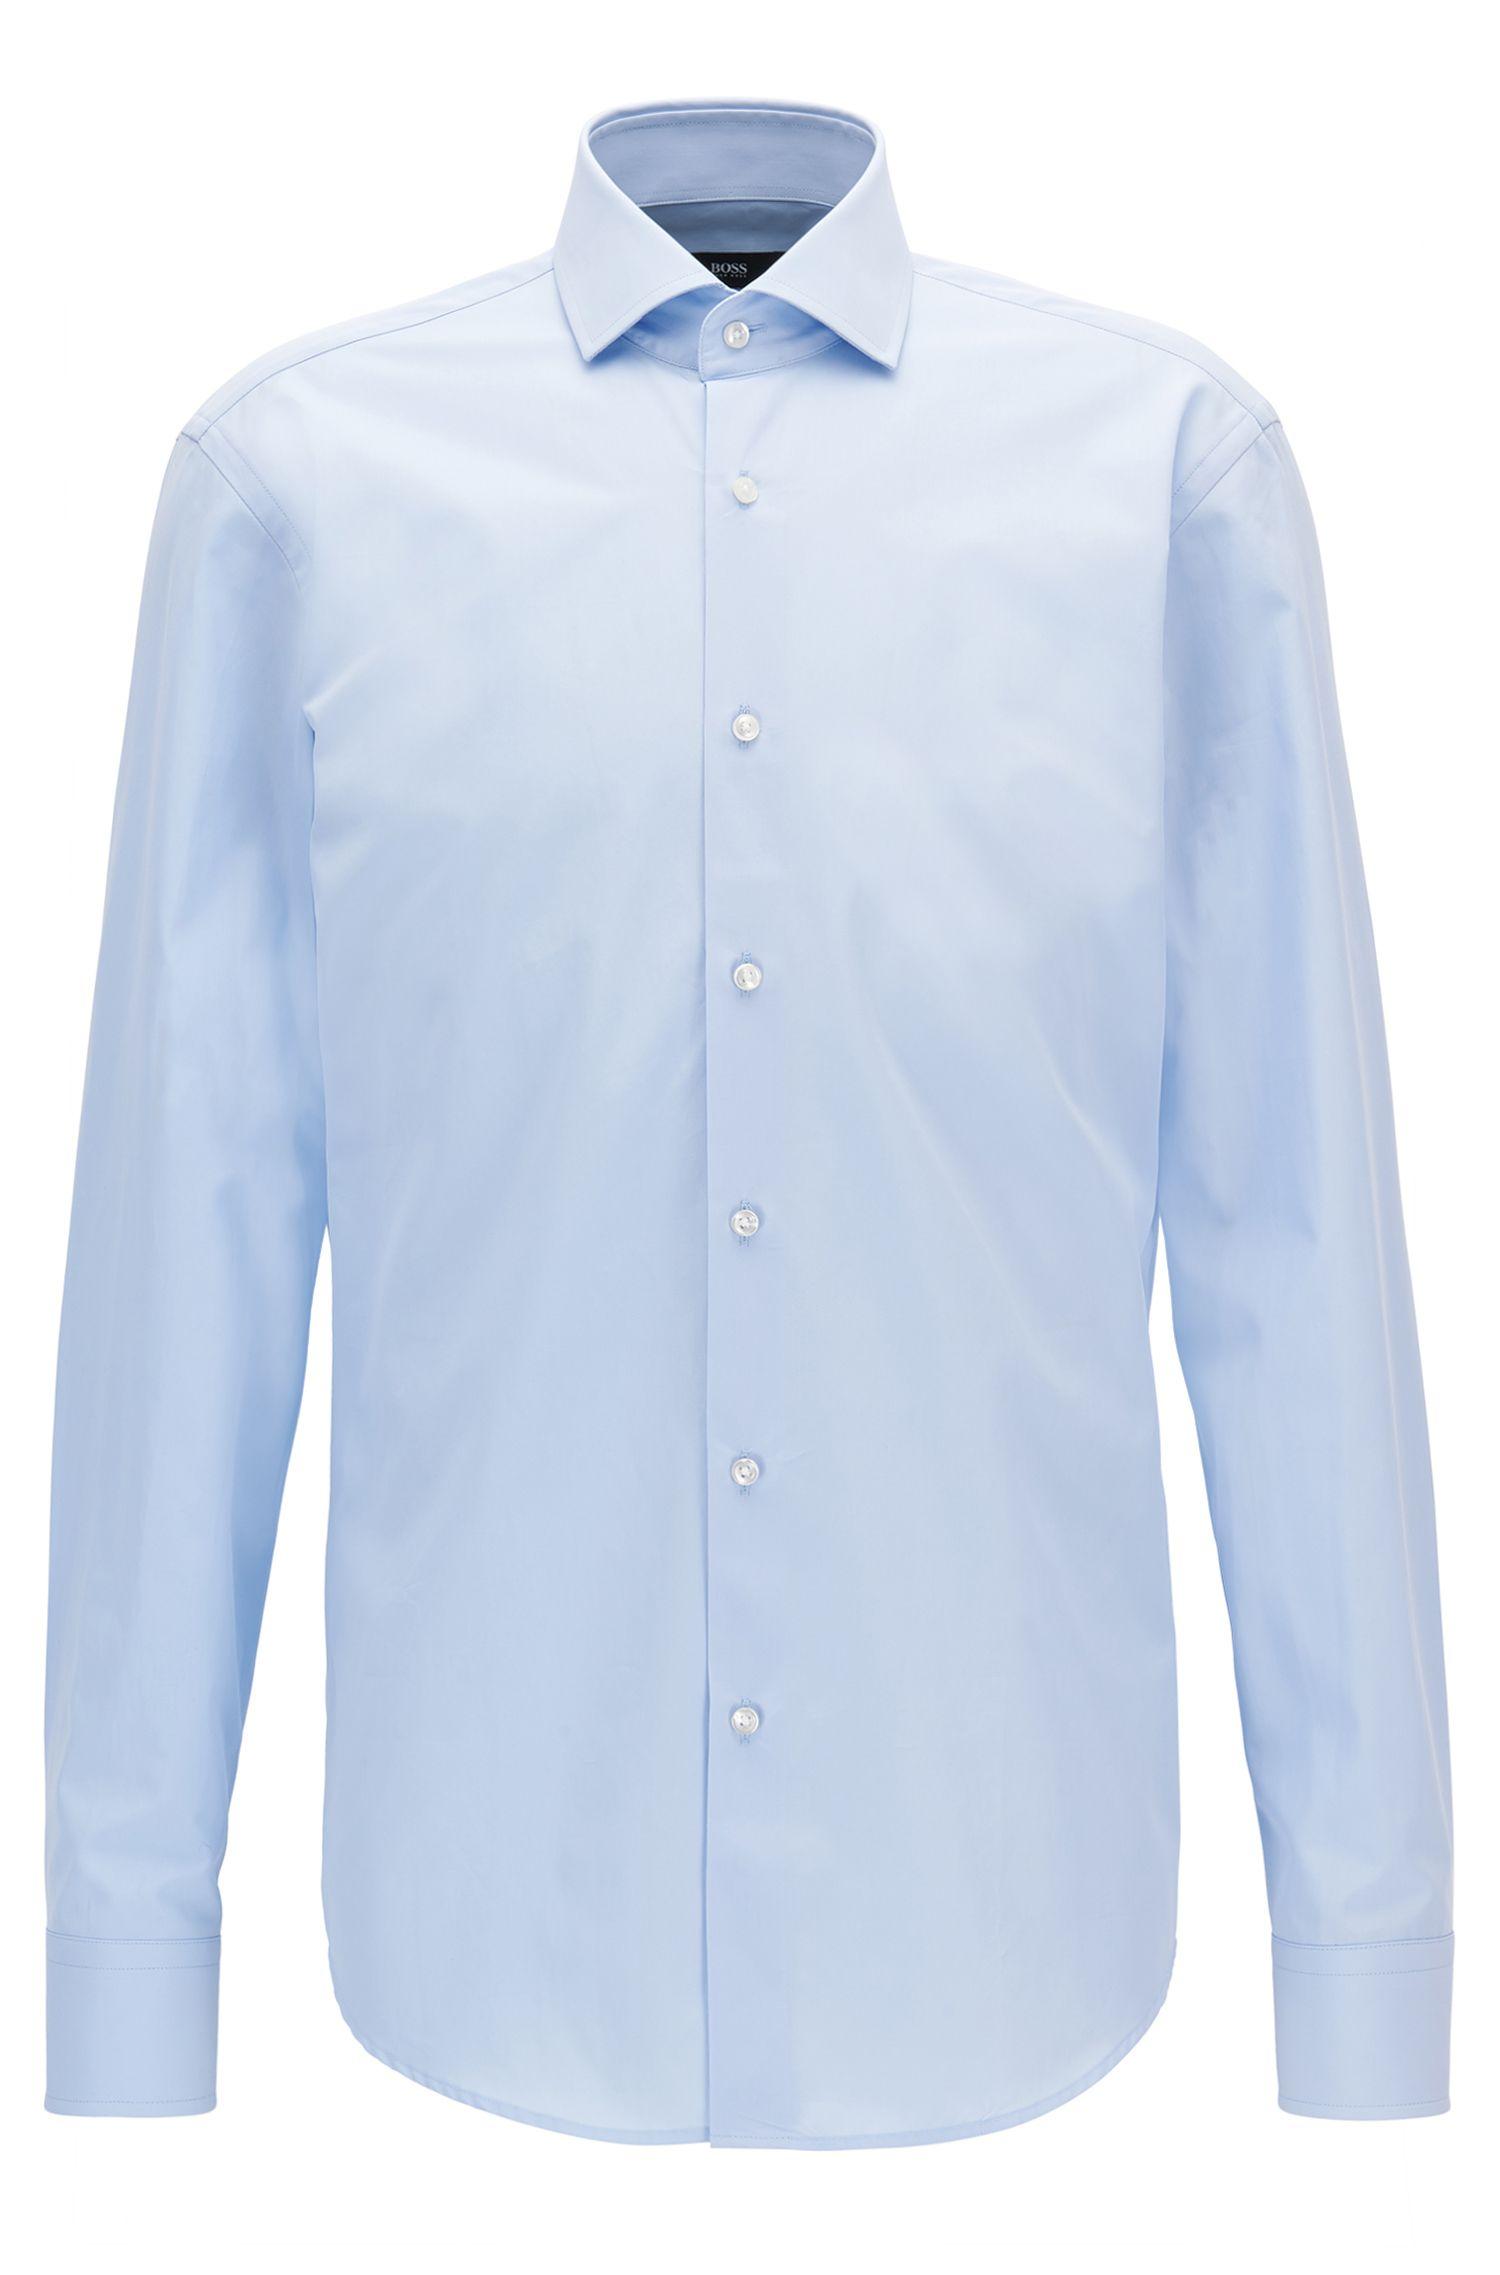 Camisa regular fit en algodón italiano de dos capas